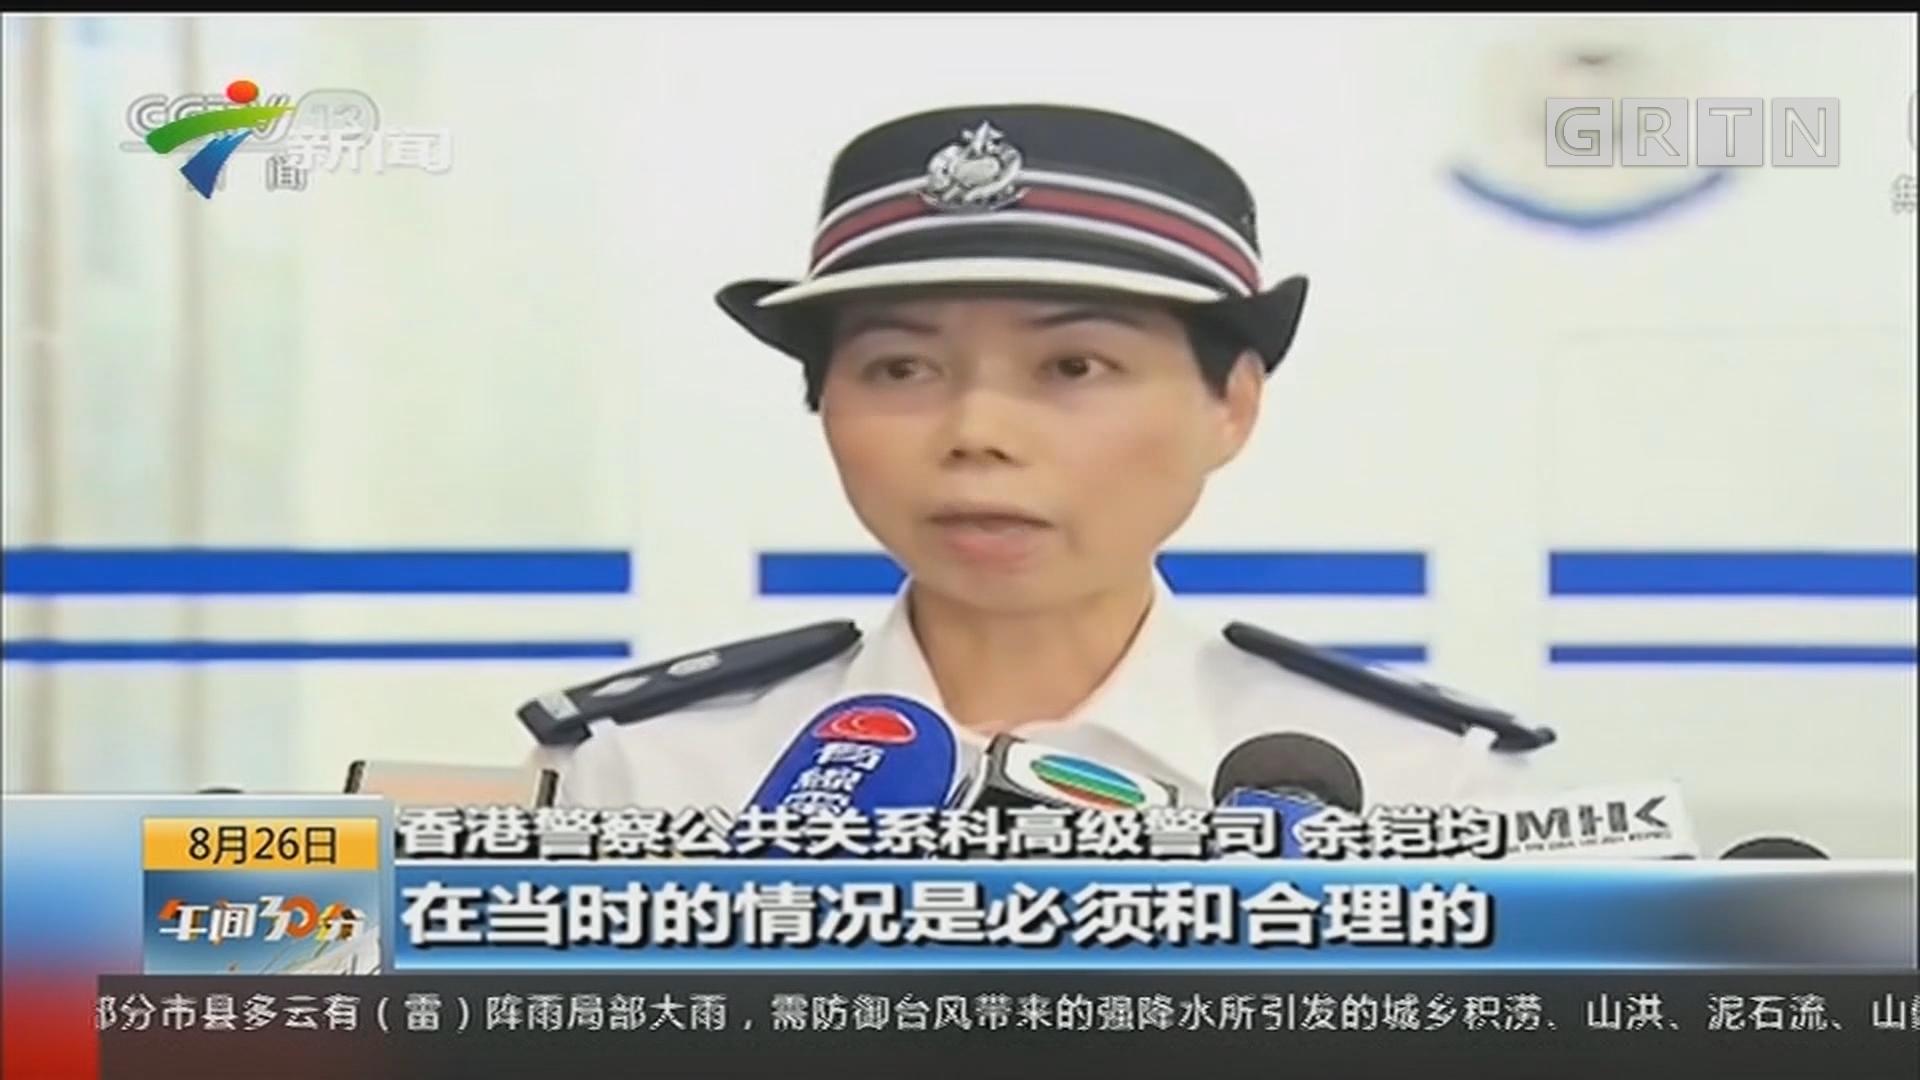 香港警方凌晨召开记者会:警方鸣枪示警 英勇克制且完全合理